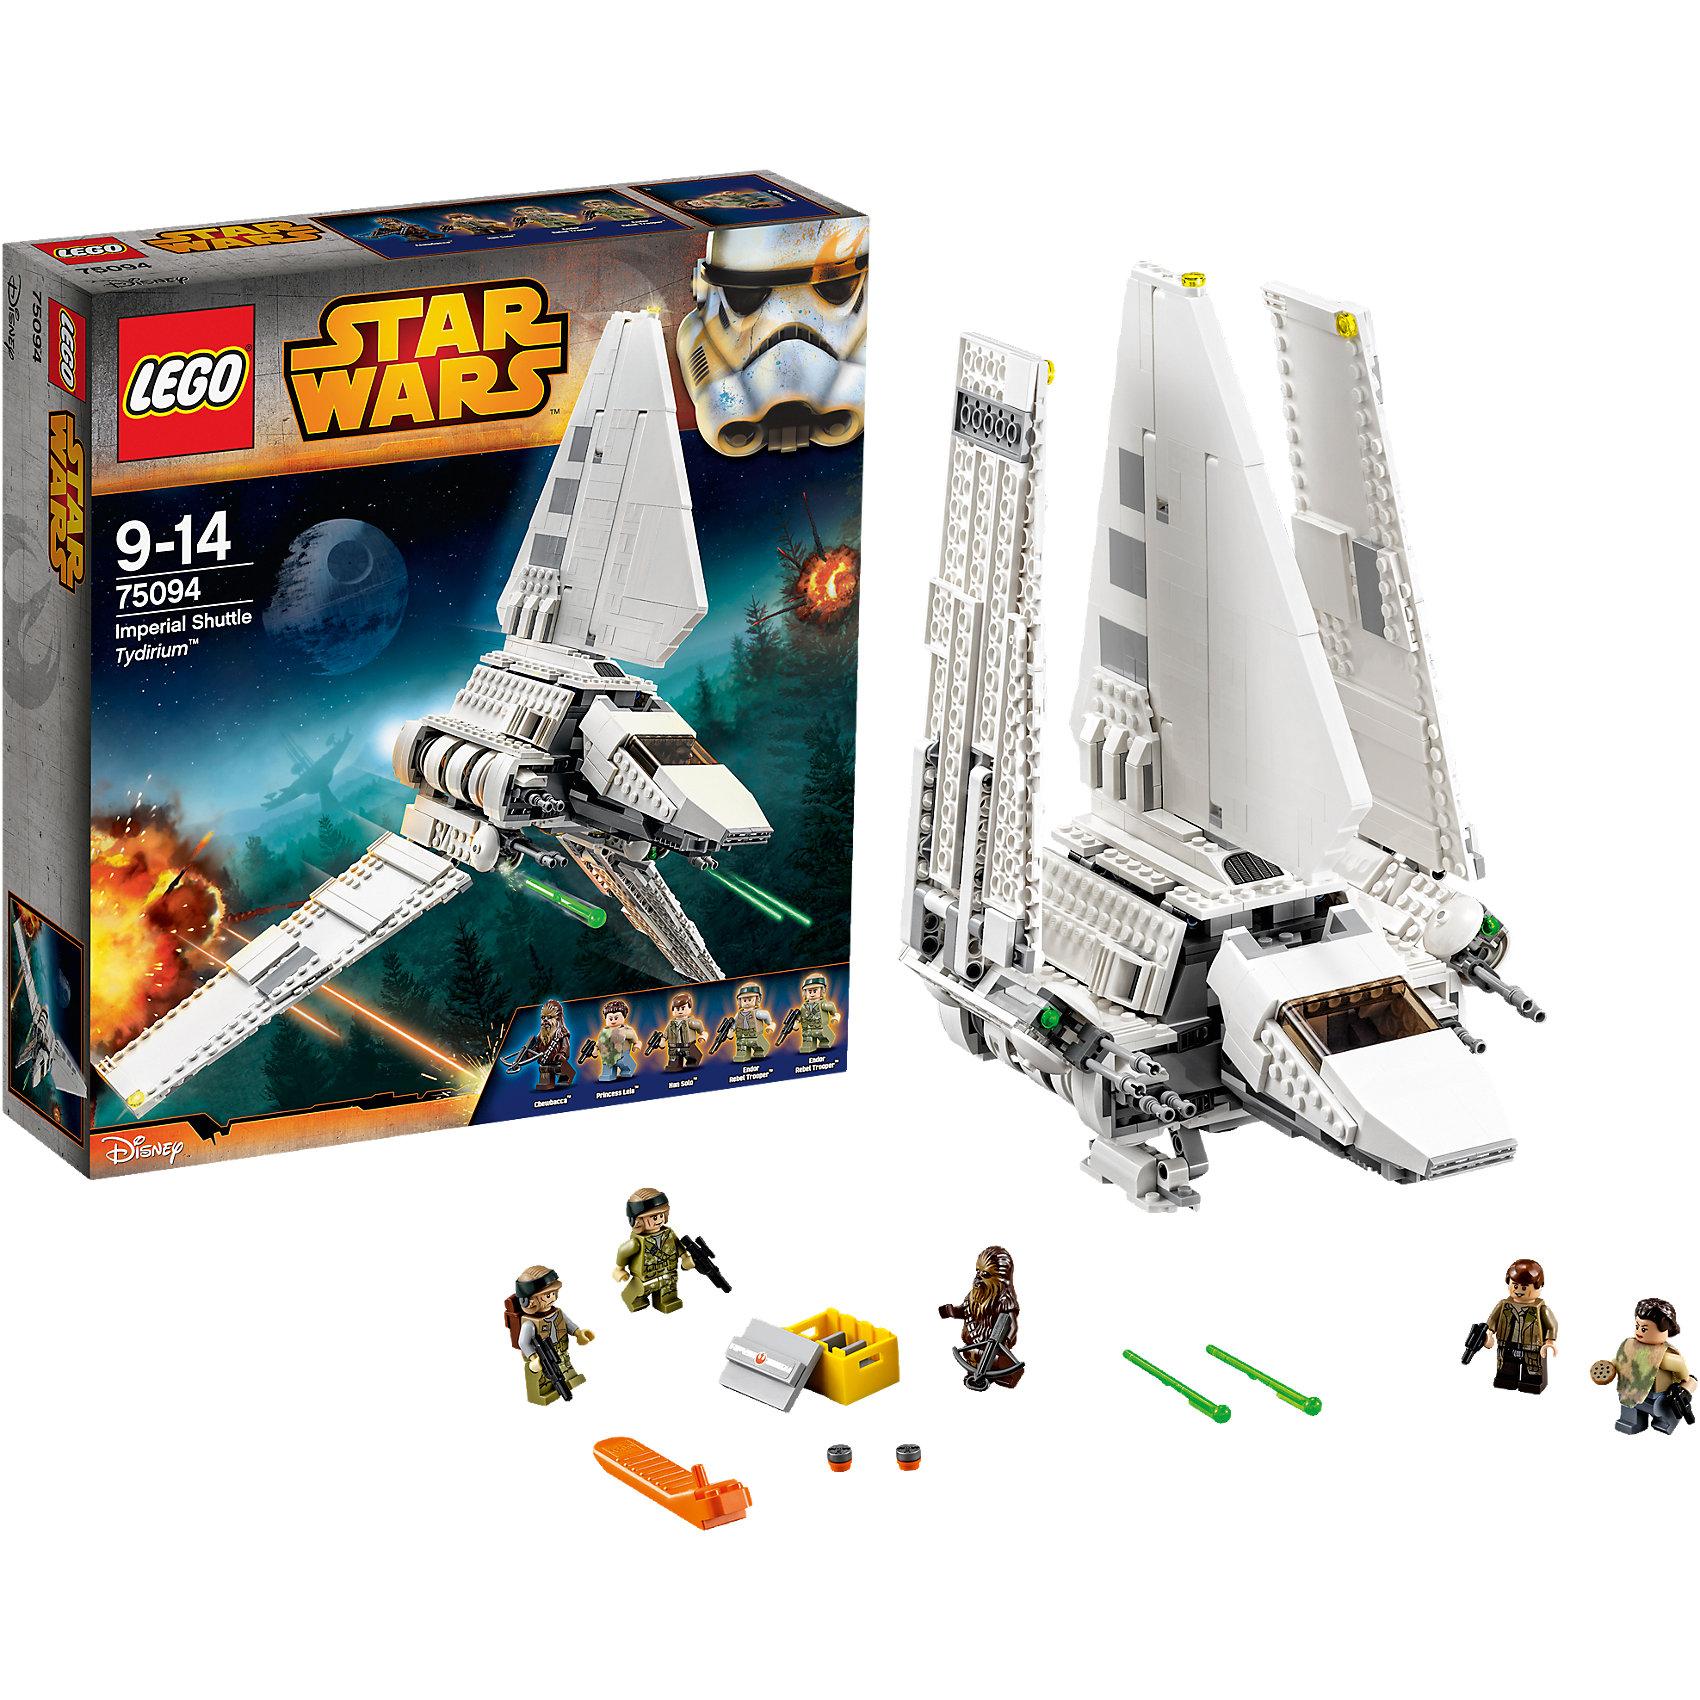 LEGO Star Wars 75094: Имперский шаттл Тайдириум™Конструктор LEGO Star Wars (ЛЕГО Звездные войны) 75094: Имперский шаттл Тайдириум™ - это мечта мальчишек, которые обожают вселенную Звездных Войн. Вам представится возможность воссоздать атмосферу эпизода Возвращение Джедая. Такой точной детализации Вы еще не видели. Вместе с группой диверсантов доберись до Звезды Смерти II и попытайся отключить защиту, чтобы дать возможность флоту повстанцев нанести по ней удар. Постройте из деталей набора масштабную модель белого имперского шаттла с системой трех крыльев. Верхнее абсолютно неподвижно, а два боковых меняют своё положение, подстраиваясь к различным видам полёта: во время посадки они поднимаются, стараясь занять максимально вертикальное положение, а во время взлёта опускаются намного ниже уровня плоскости днища. За тонированным стеклом, Вы можете рассмотреть кабину для двух пилотов. Приборная панель и рулевое управление выполнены очень точно. Подними боковые стенки и размести экипаж и вооружение. Сам шаттл оборудован реактивными ракетными установками и лазерными орудиями большой мощности. Почувствуй себя сценаристом великой саги, используй минифигурки и создай собственную концовку знаменитого эпизода! Подключайте фантазию и Вам никогда не будет скучно в компании LEGO (ЛЕГО)!<br><br>LEGO Star Wars (ЛЕГО Звездные войны) – это тематическая серия детских развивающих конструкторов по мотивам приключенческого мультфильма 2014 года «Звездные войны: Повстанцы». Ребенок сможет часами играть с конструктором, придумывая различные ситуации и истории из любимого мультфильма. В процессе игры с конструктором дети приобретают и постигают такие необходимые навыки как познание, творчество, воображение. <br><br>Дополнительная информация:<br><br>- Игра с конструктором  LEGO (ЛЕГО) развивает мелкую моторику ребенка, фантазию и воображение, учит его усидчивости и внимательности;<br>- В комплекте: 5 минифигурок (Хан Соло, Принцесса Лея, Чубакка и 2 повстанца), оружие, детали набора;<br>- Коли